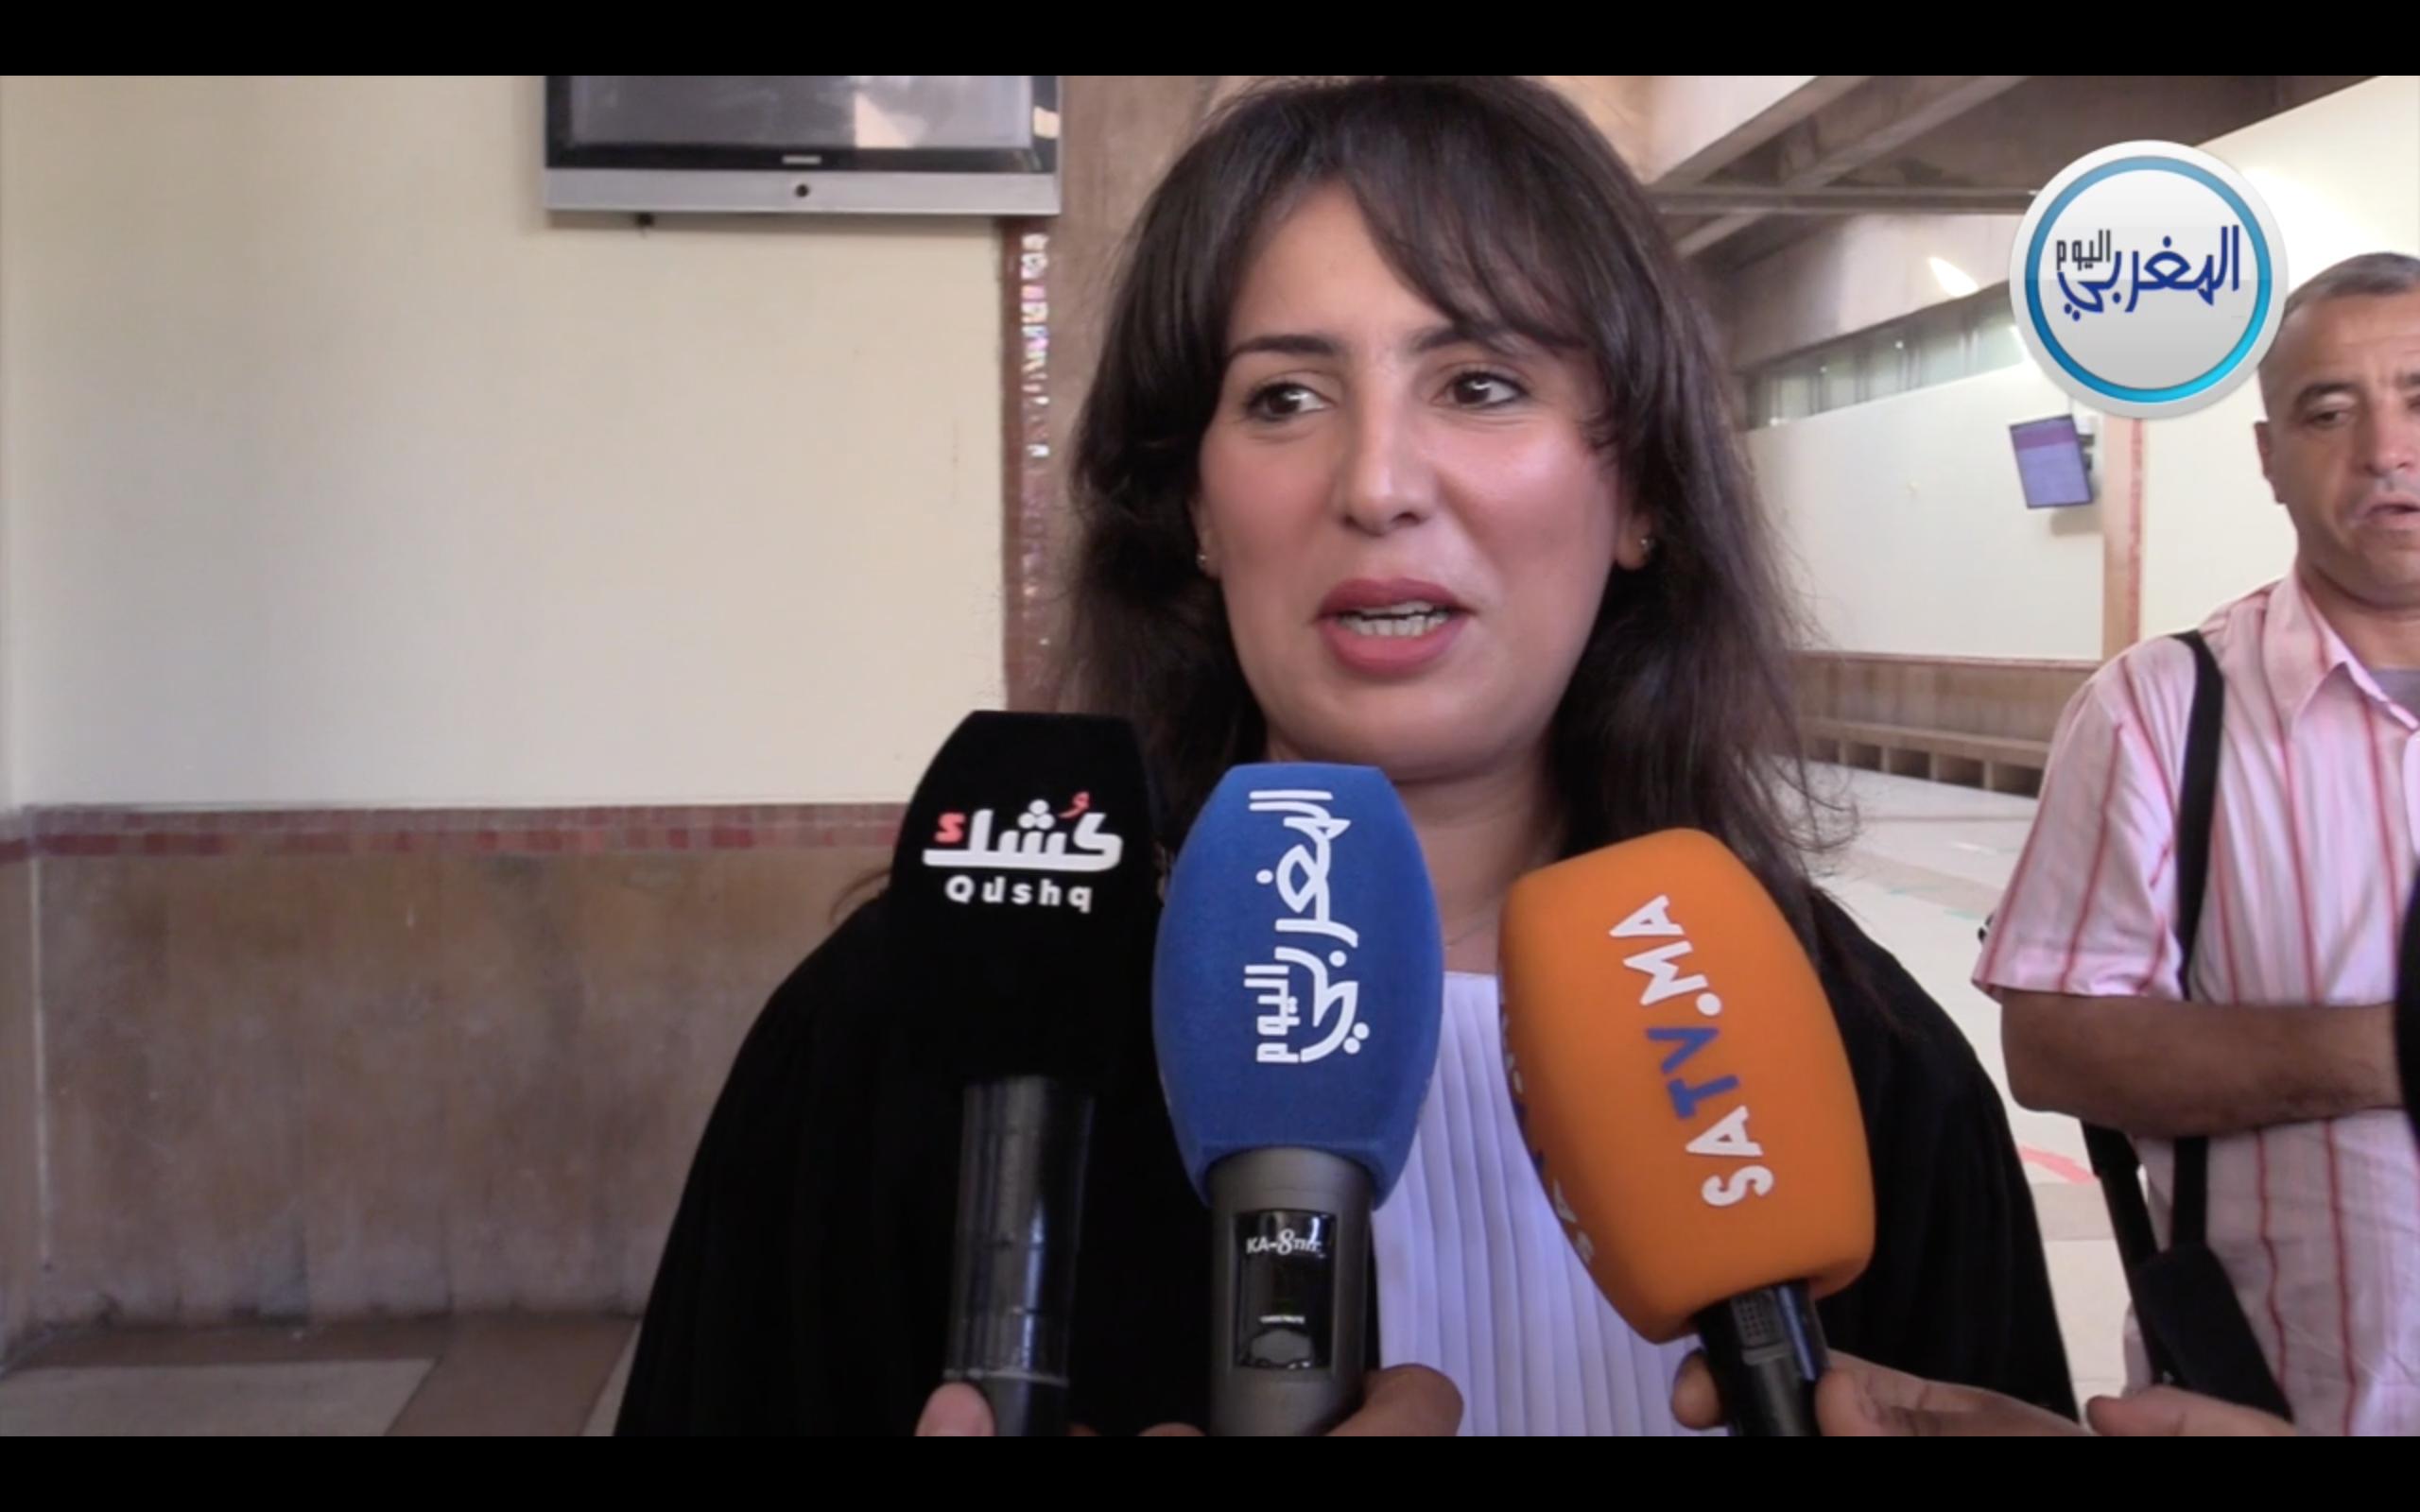 بالفيديو… المحامية مريم جمال الإدريسي تعلق على تسريب الصور الجنسية الفاضحة لبوعشرين